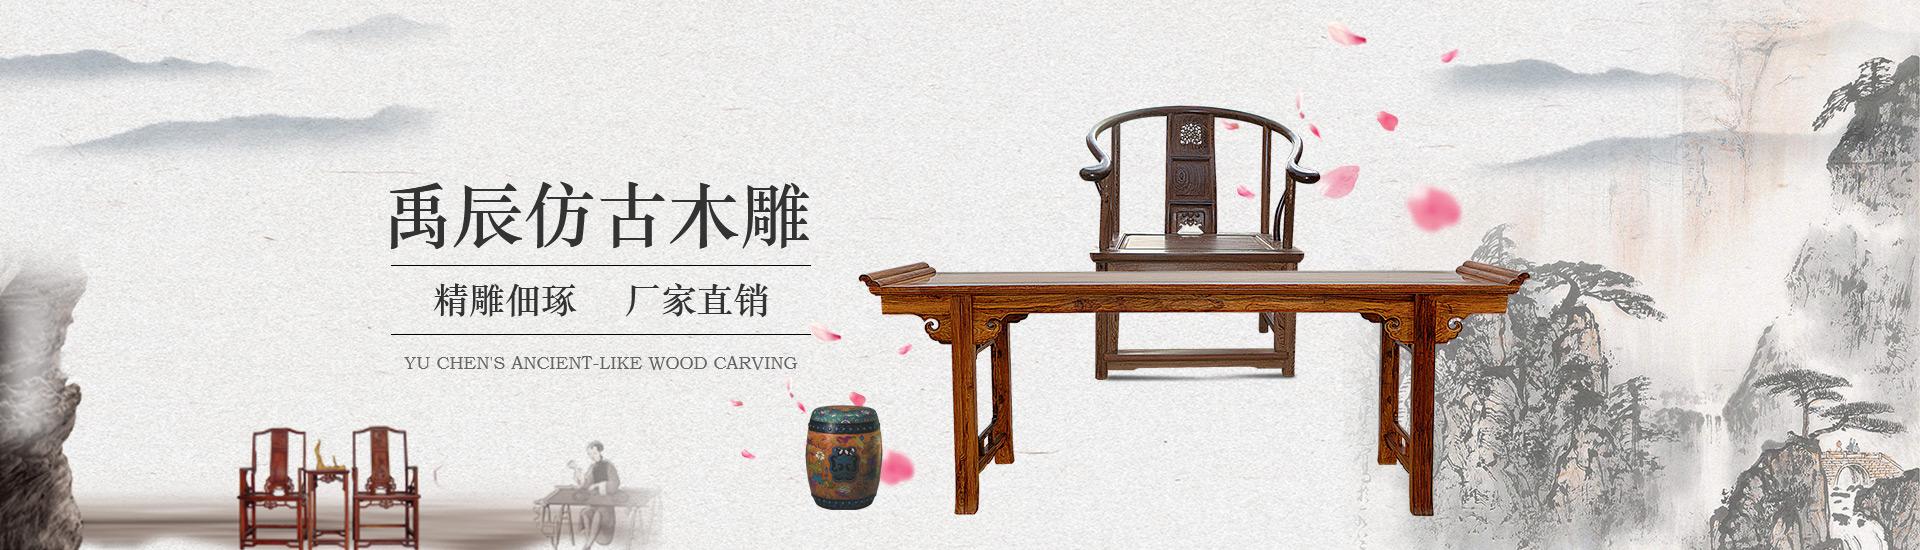 重庆竞博杯亚洲大师赛家具